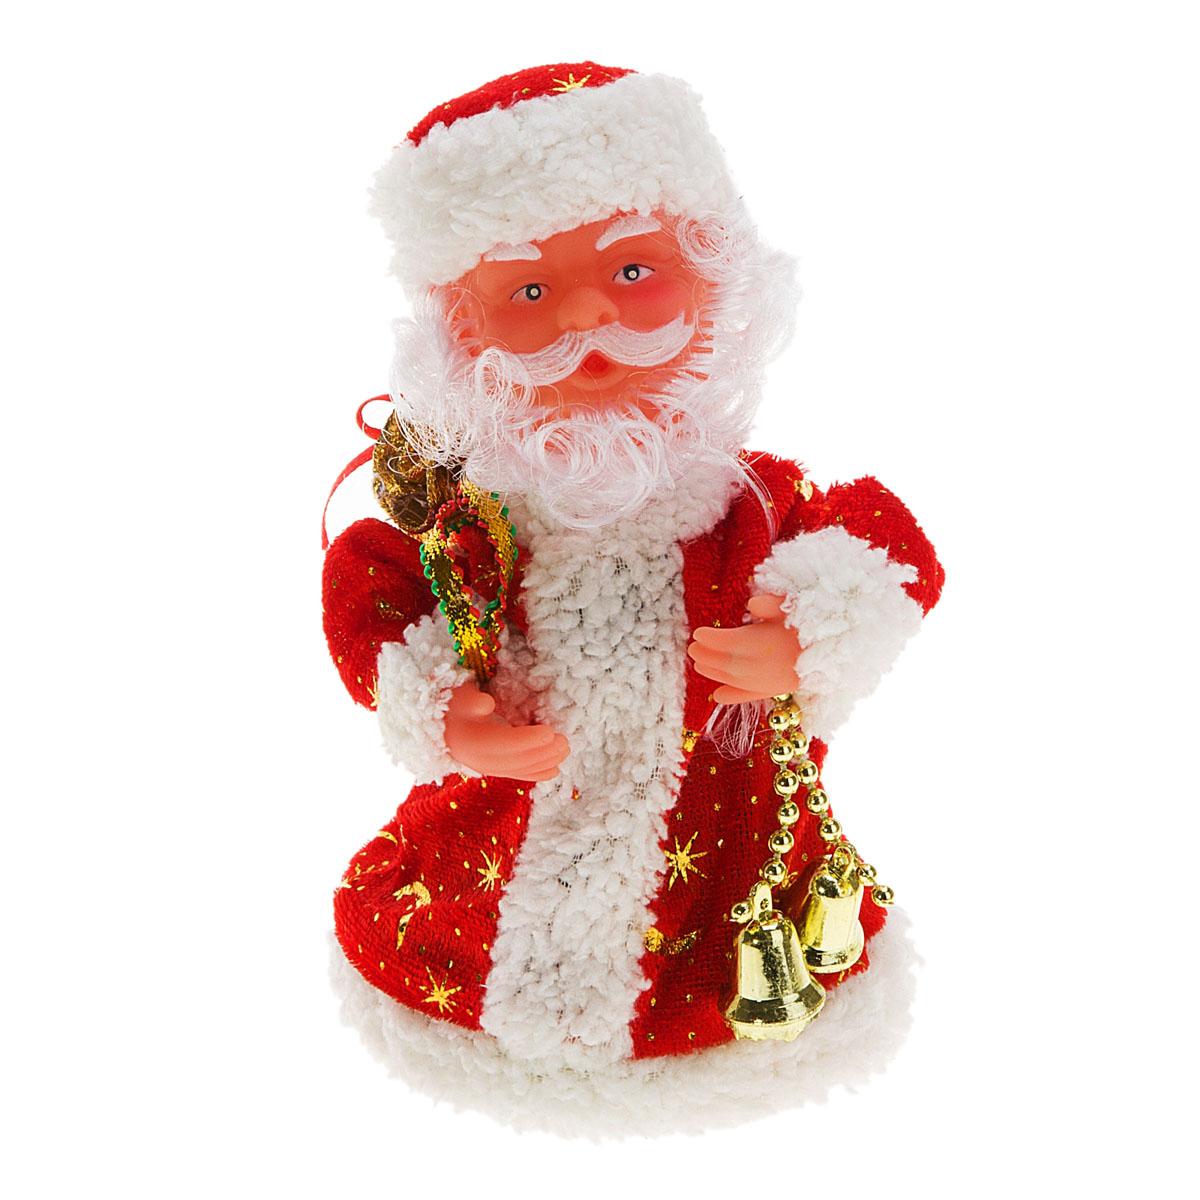 Новогодняя декоративная фигурка Sima-land Дед Мороз, анимированная, высота 18 см. 827789